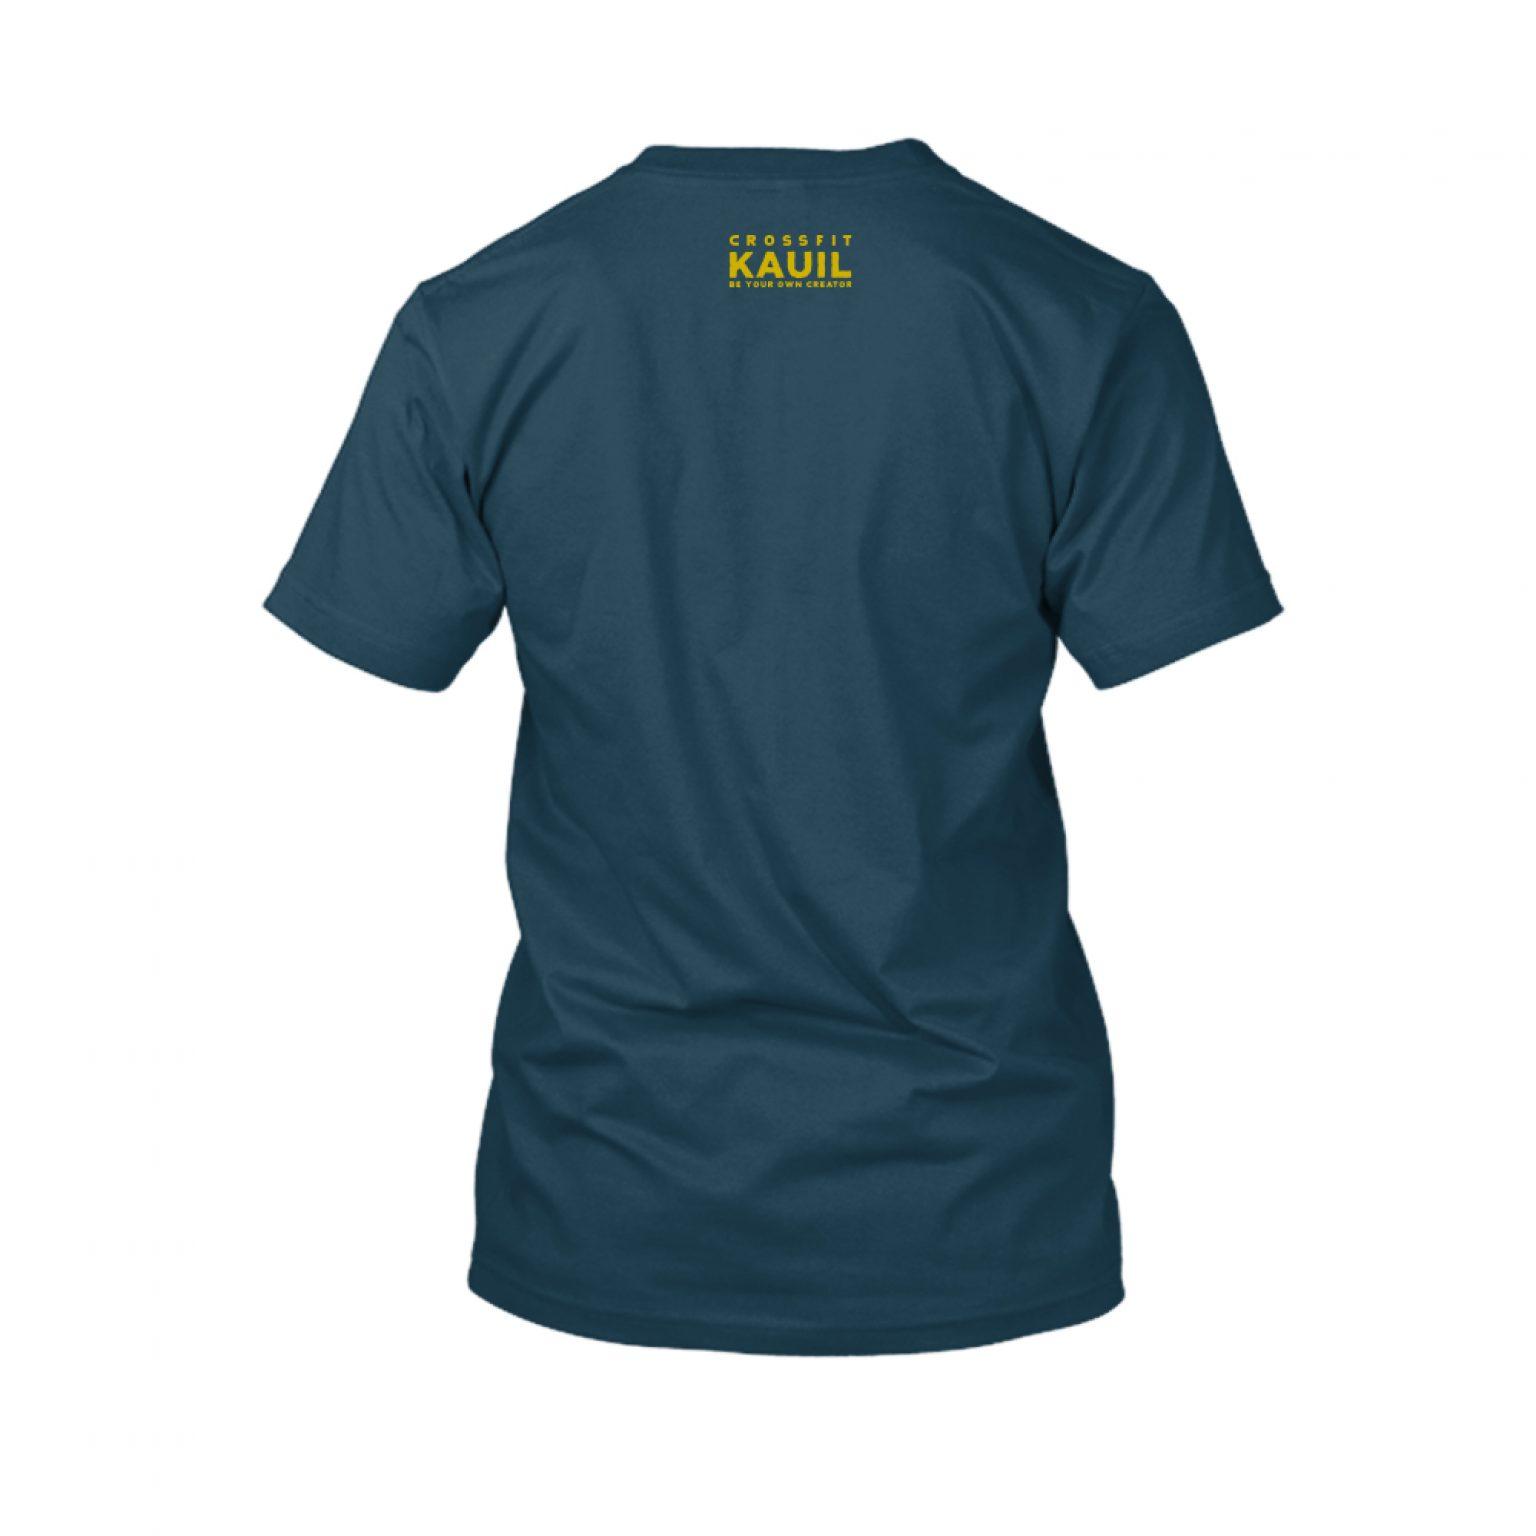 Herren Shirt Navy1 gold back